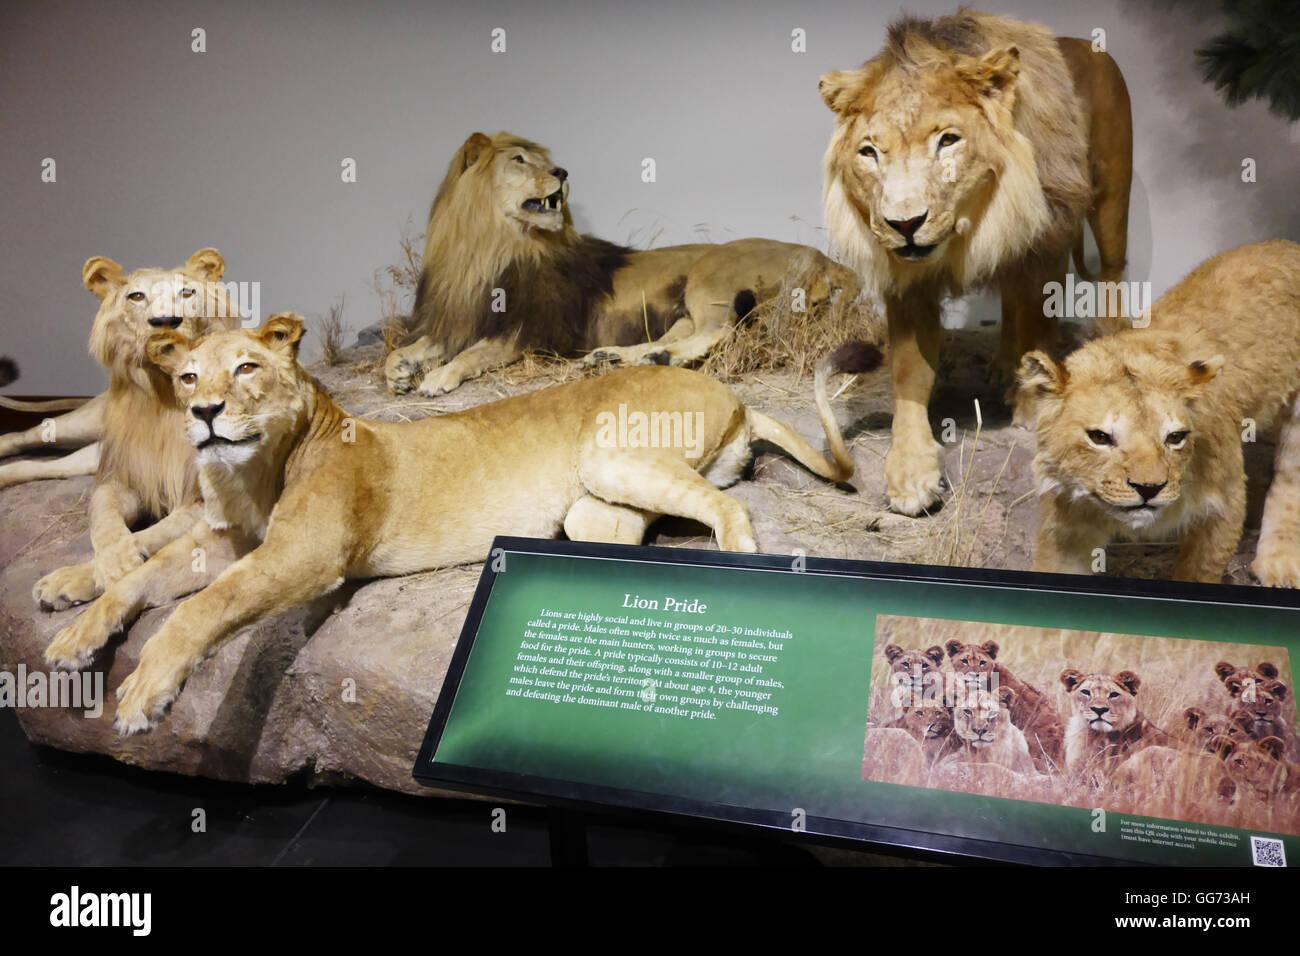 L Zoology Imágenes De Stock & L Zoology Fotos De Stock - Alamy